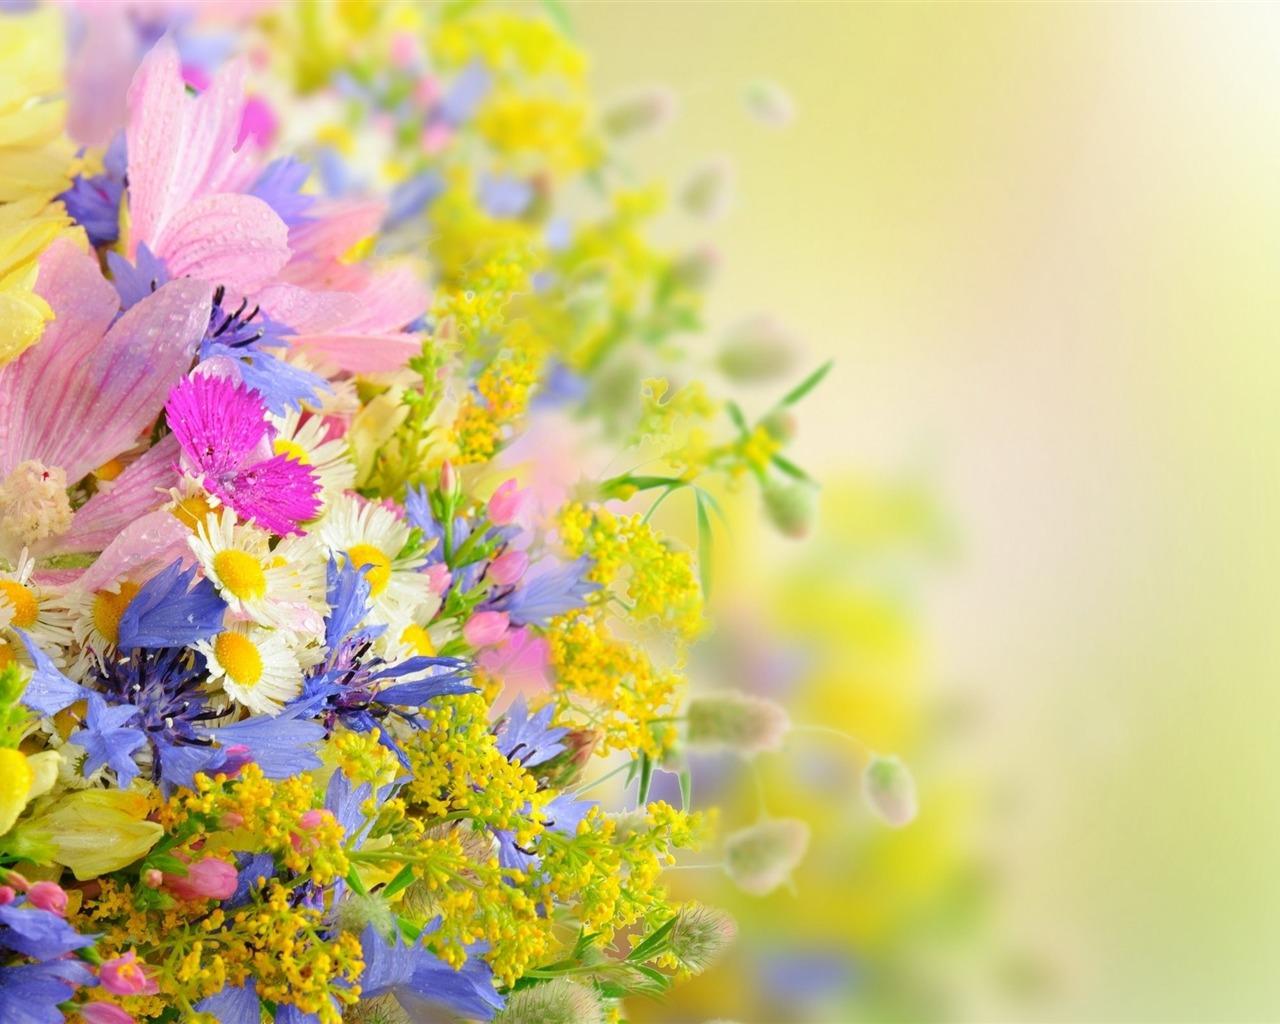 描述: 花场模糊-植物高清壁纸 当前壁纸尺寸: 1280 x 1024图片